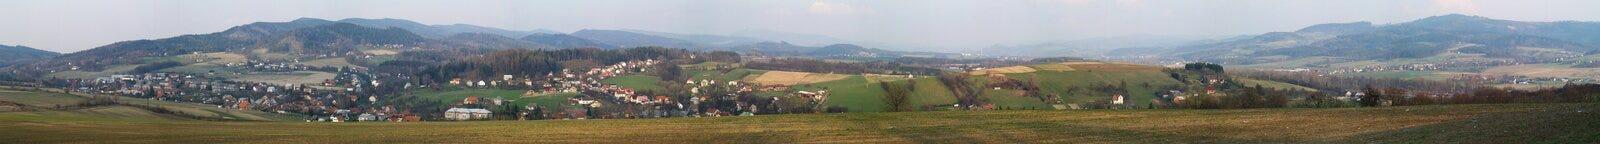 село панорамы стоковые фото